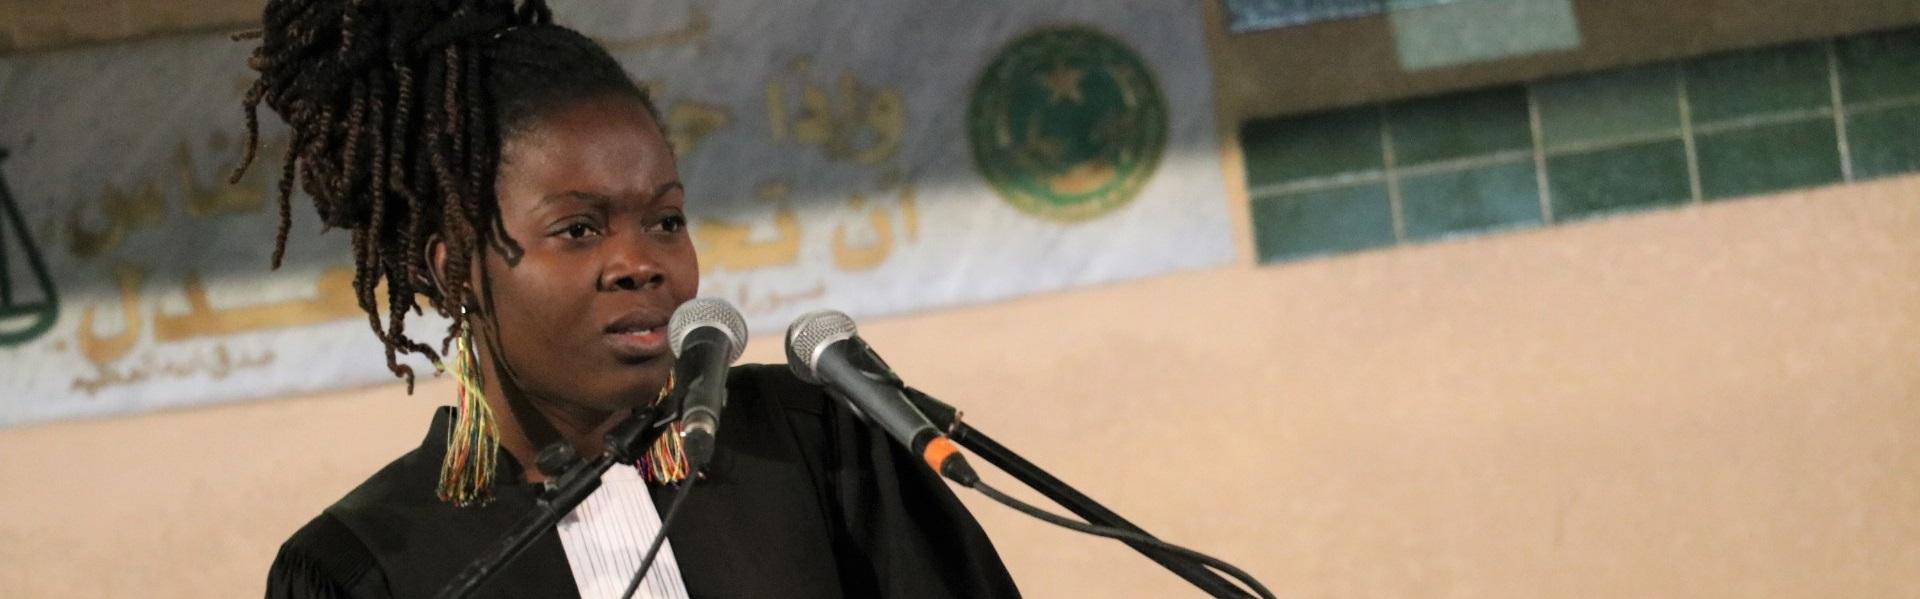 Concours international de plaidoiries pour les droits de l'Homme de Mauritanie 1